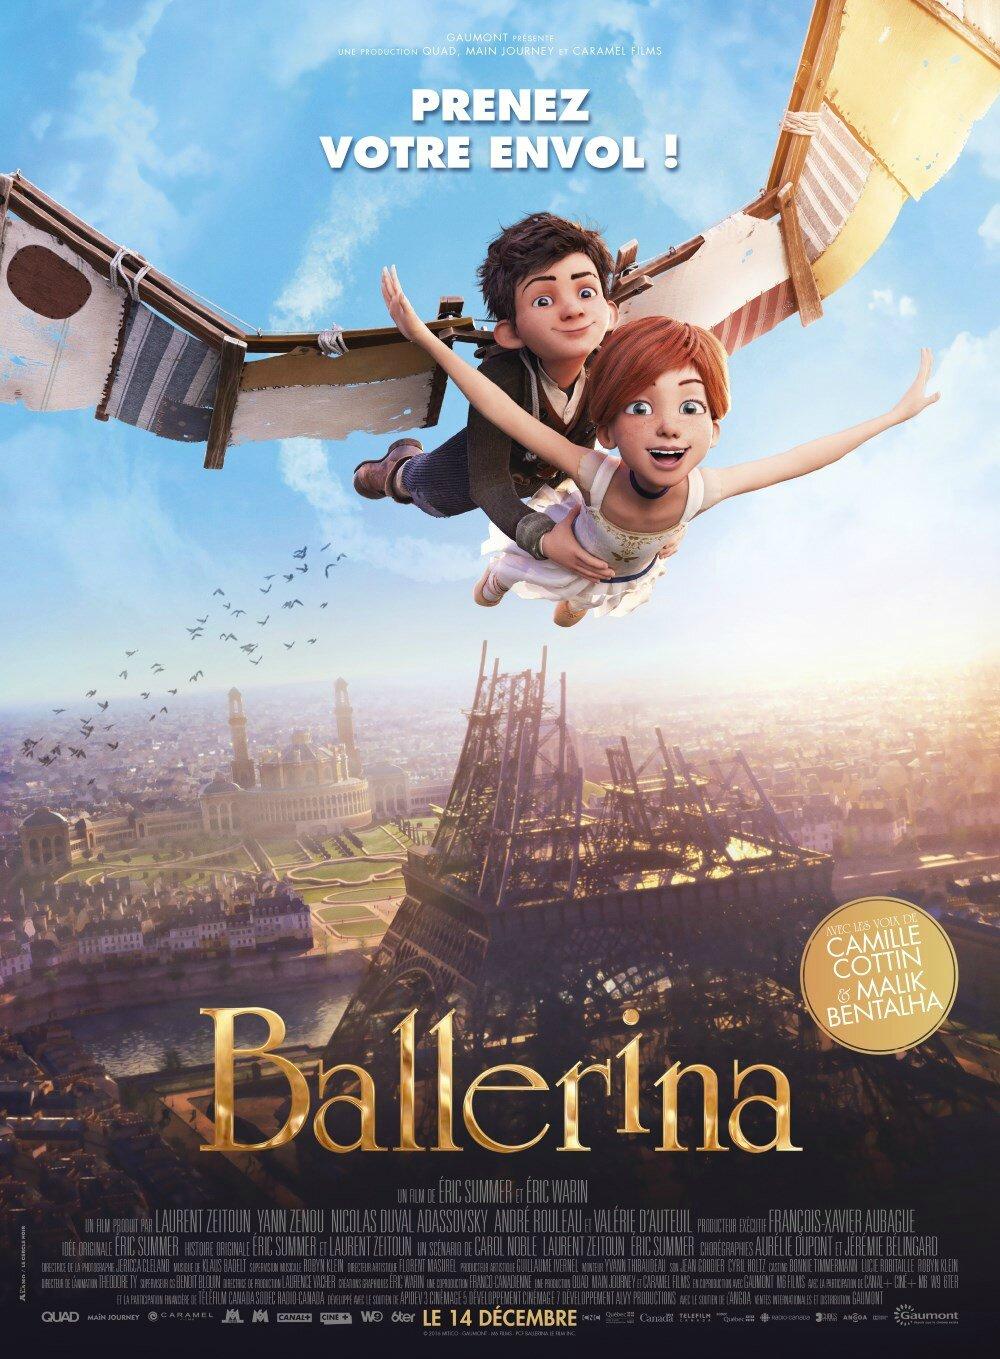 Film A Voir Avant 10 Ans : avant, CONCOURS, BALLERINA, Places, Gagner, Très, D'animation, Danse, Baz'art, Films,, Livres...